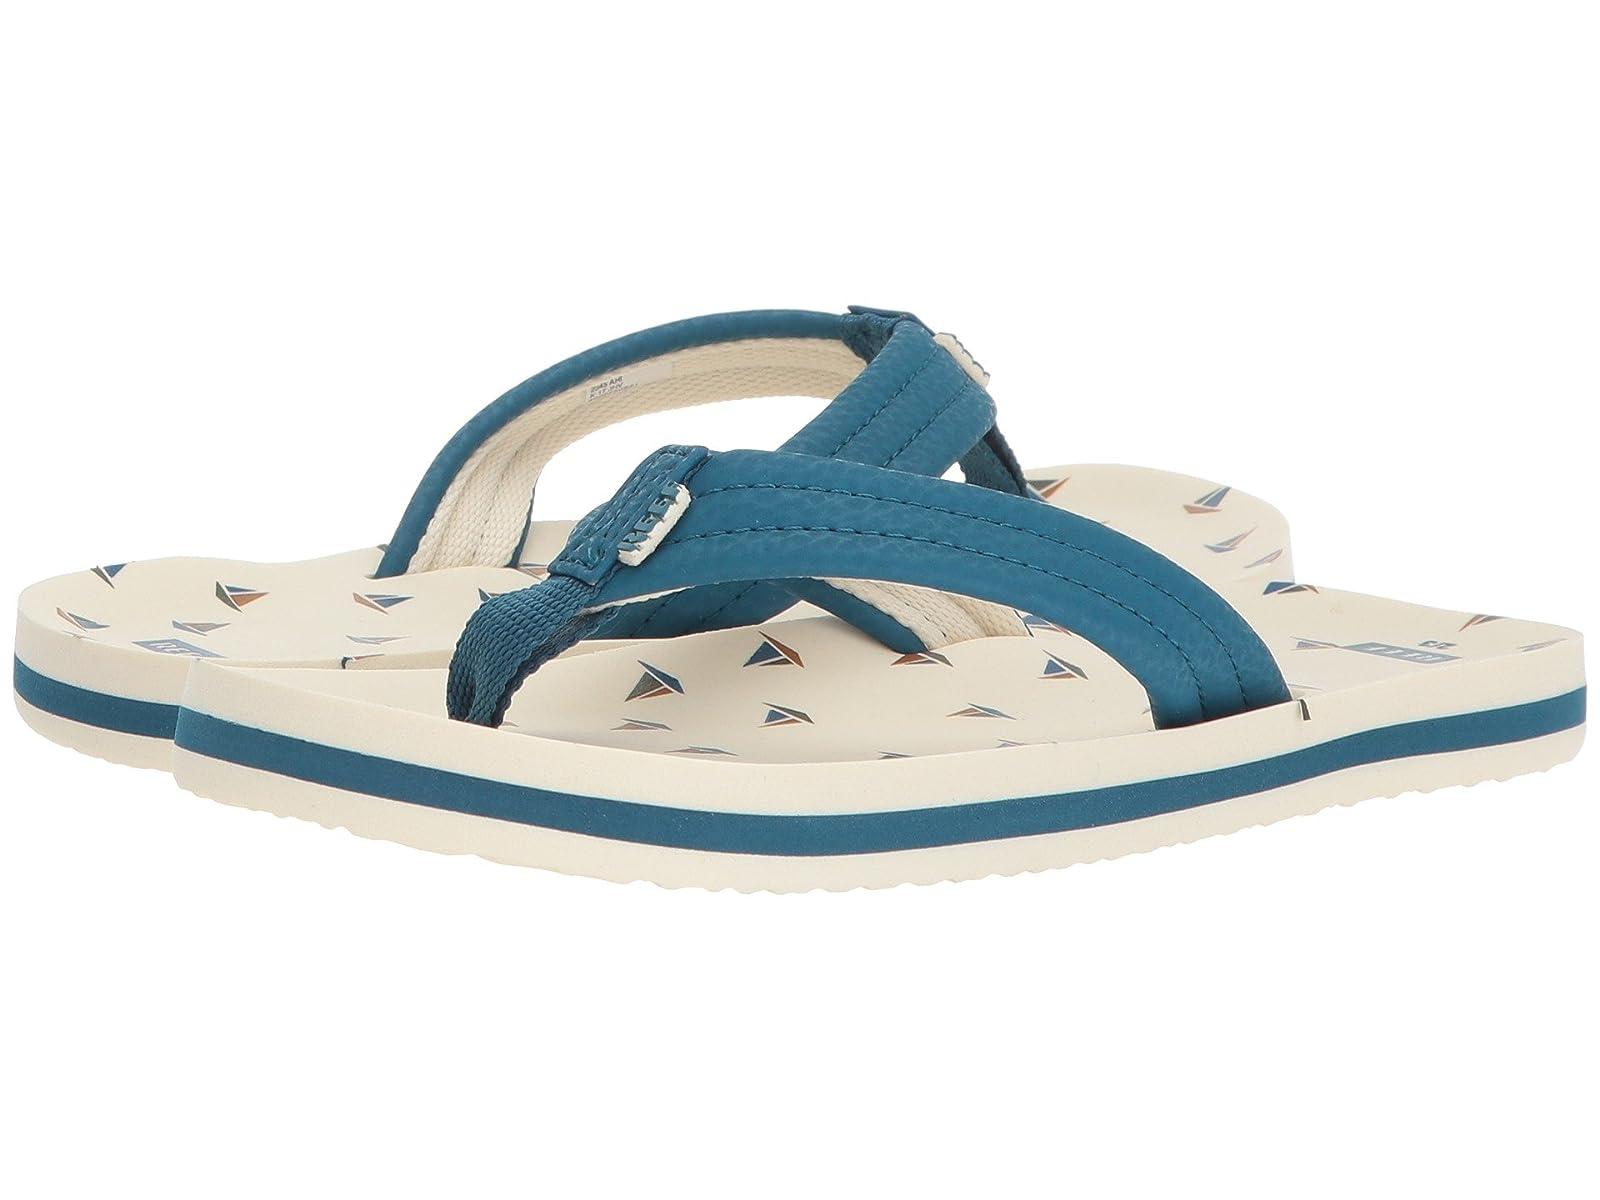 Reef Kids Ahi (Infant/Toddler/Little Kid/Big Kid)Atmospheric grades have affordable shoes